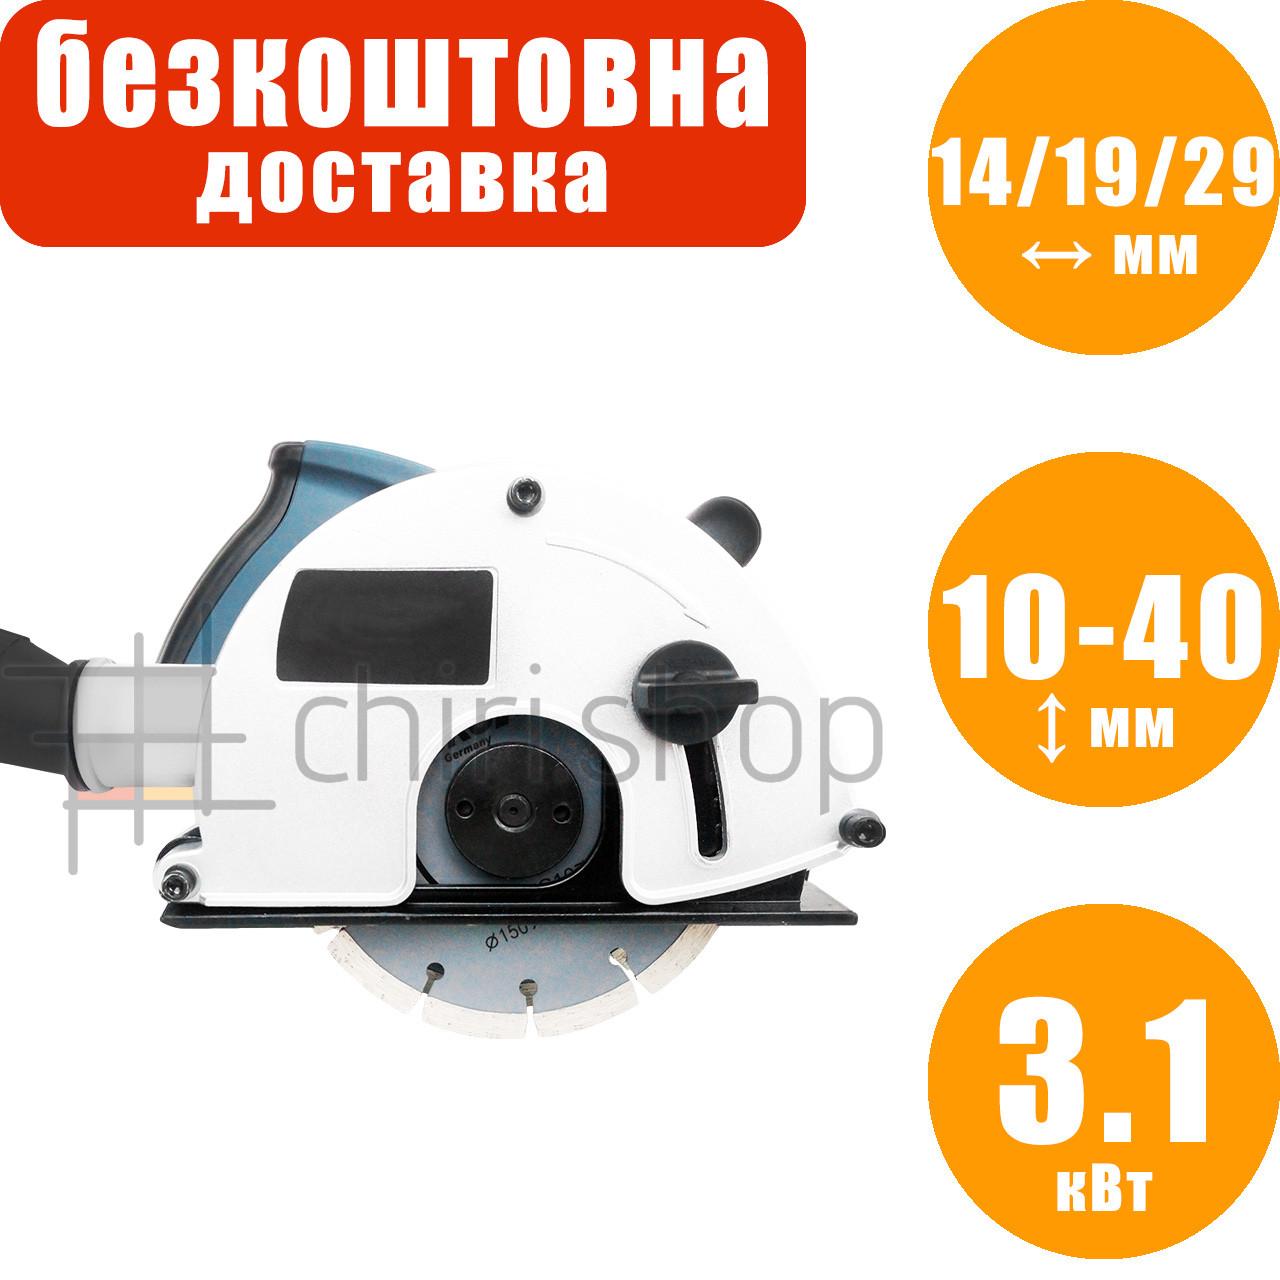 Бороздодел по бетону бетон купить в новотитаровской